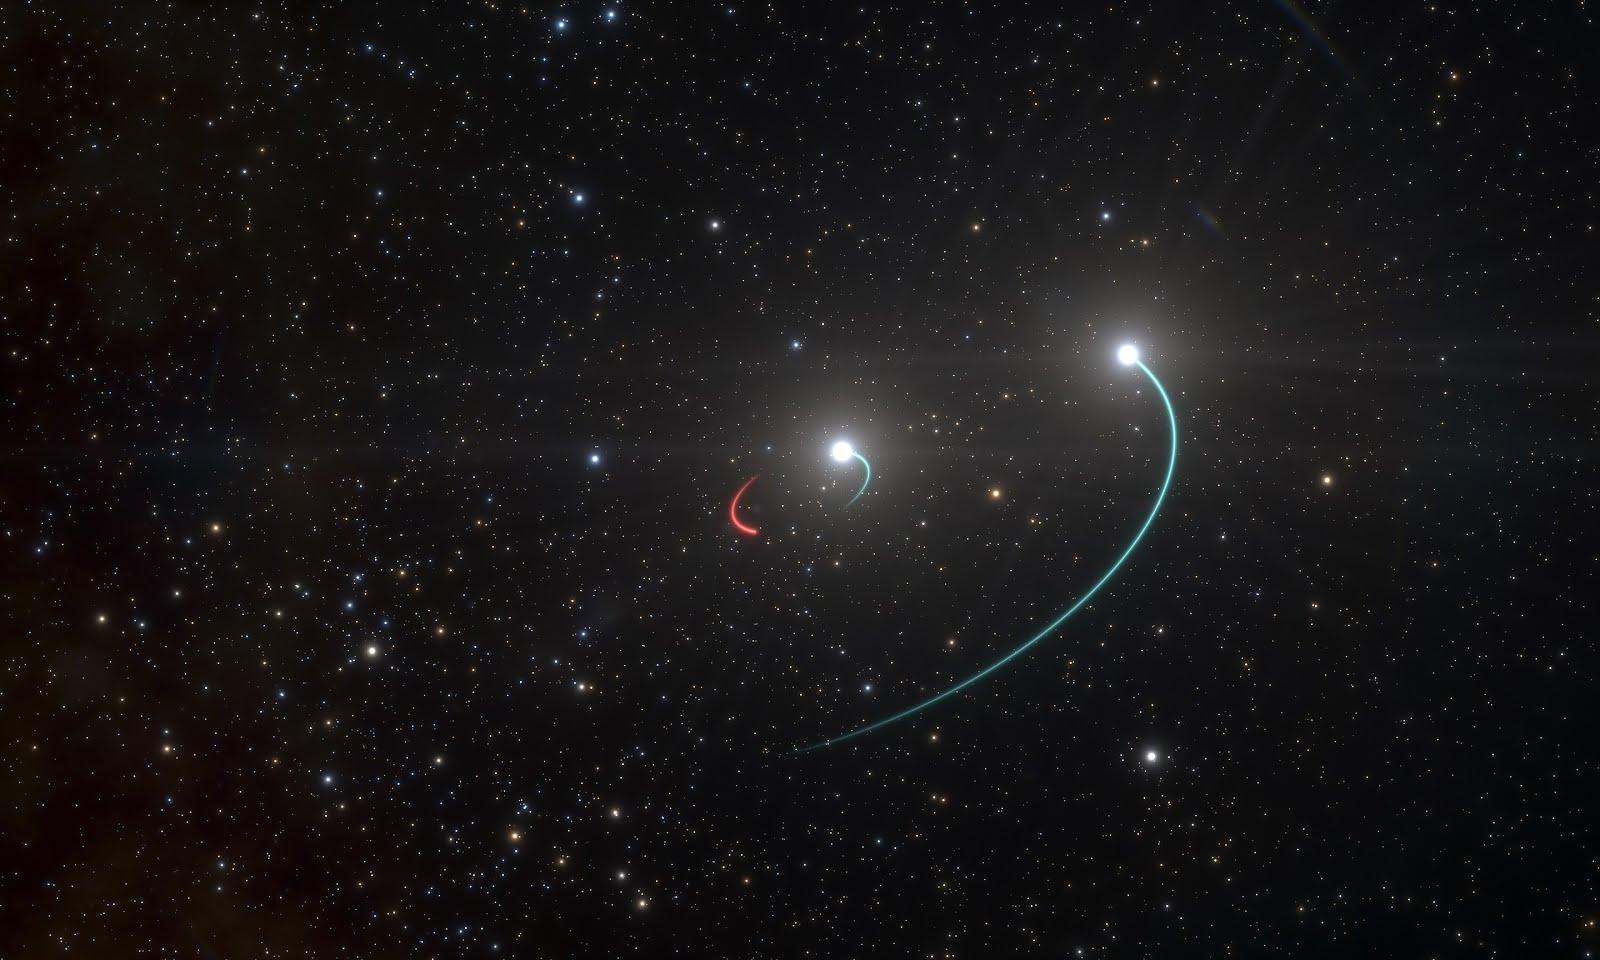 rappresentazione artistica del sistema stellare HR 6819. E' possibile vedere la stella più esterna QV Tel Aa (orbita azzurra esterna) che ruota attorno alla gigante azzurra QV Tel Aa (orbita azzurra più interna) che orbita a sua volta assieme al baricentro di massa condiviso con il buco nero (orbita rossa) - immagine wikipedia CC BY 4.0